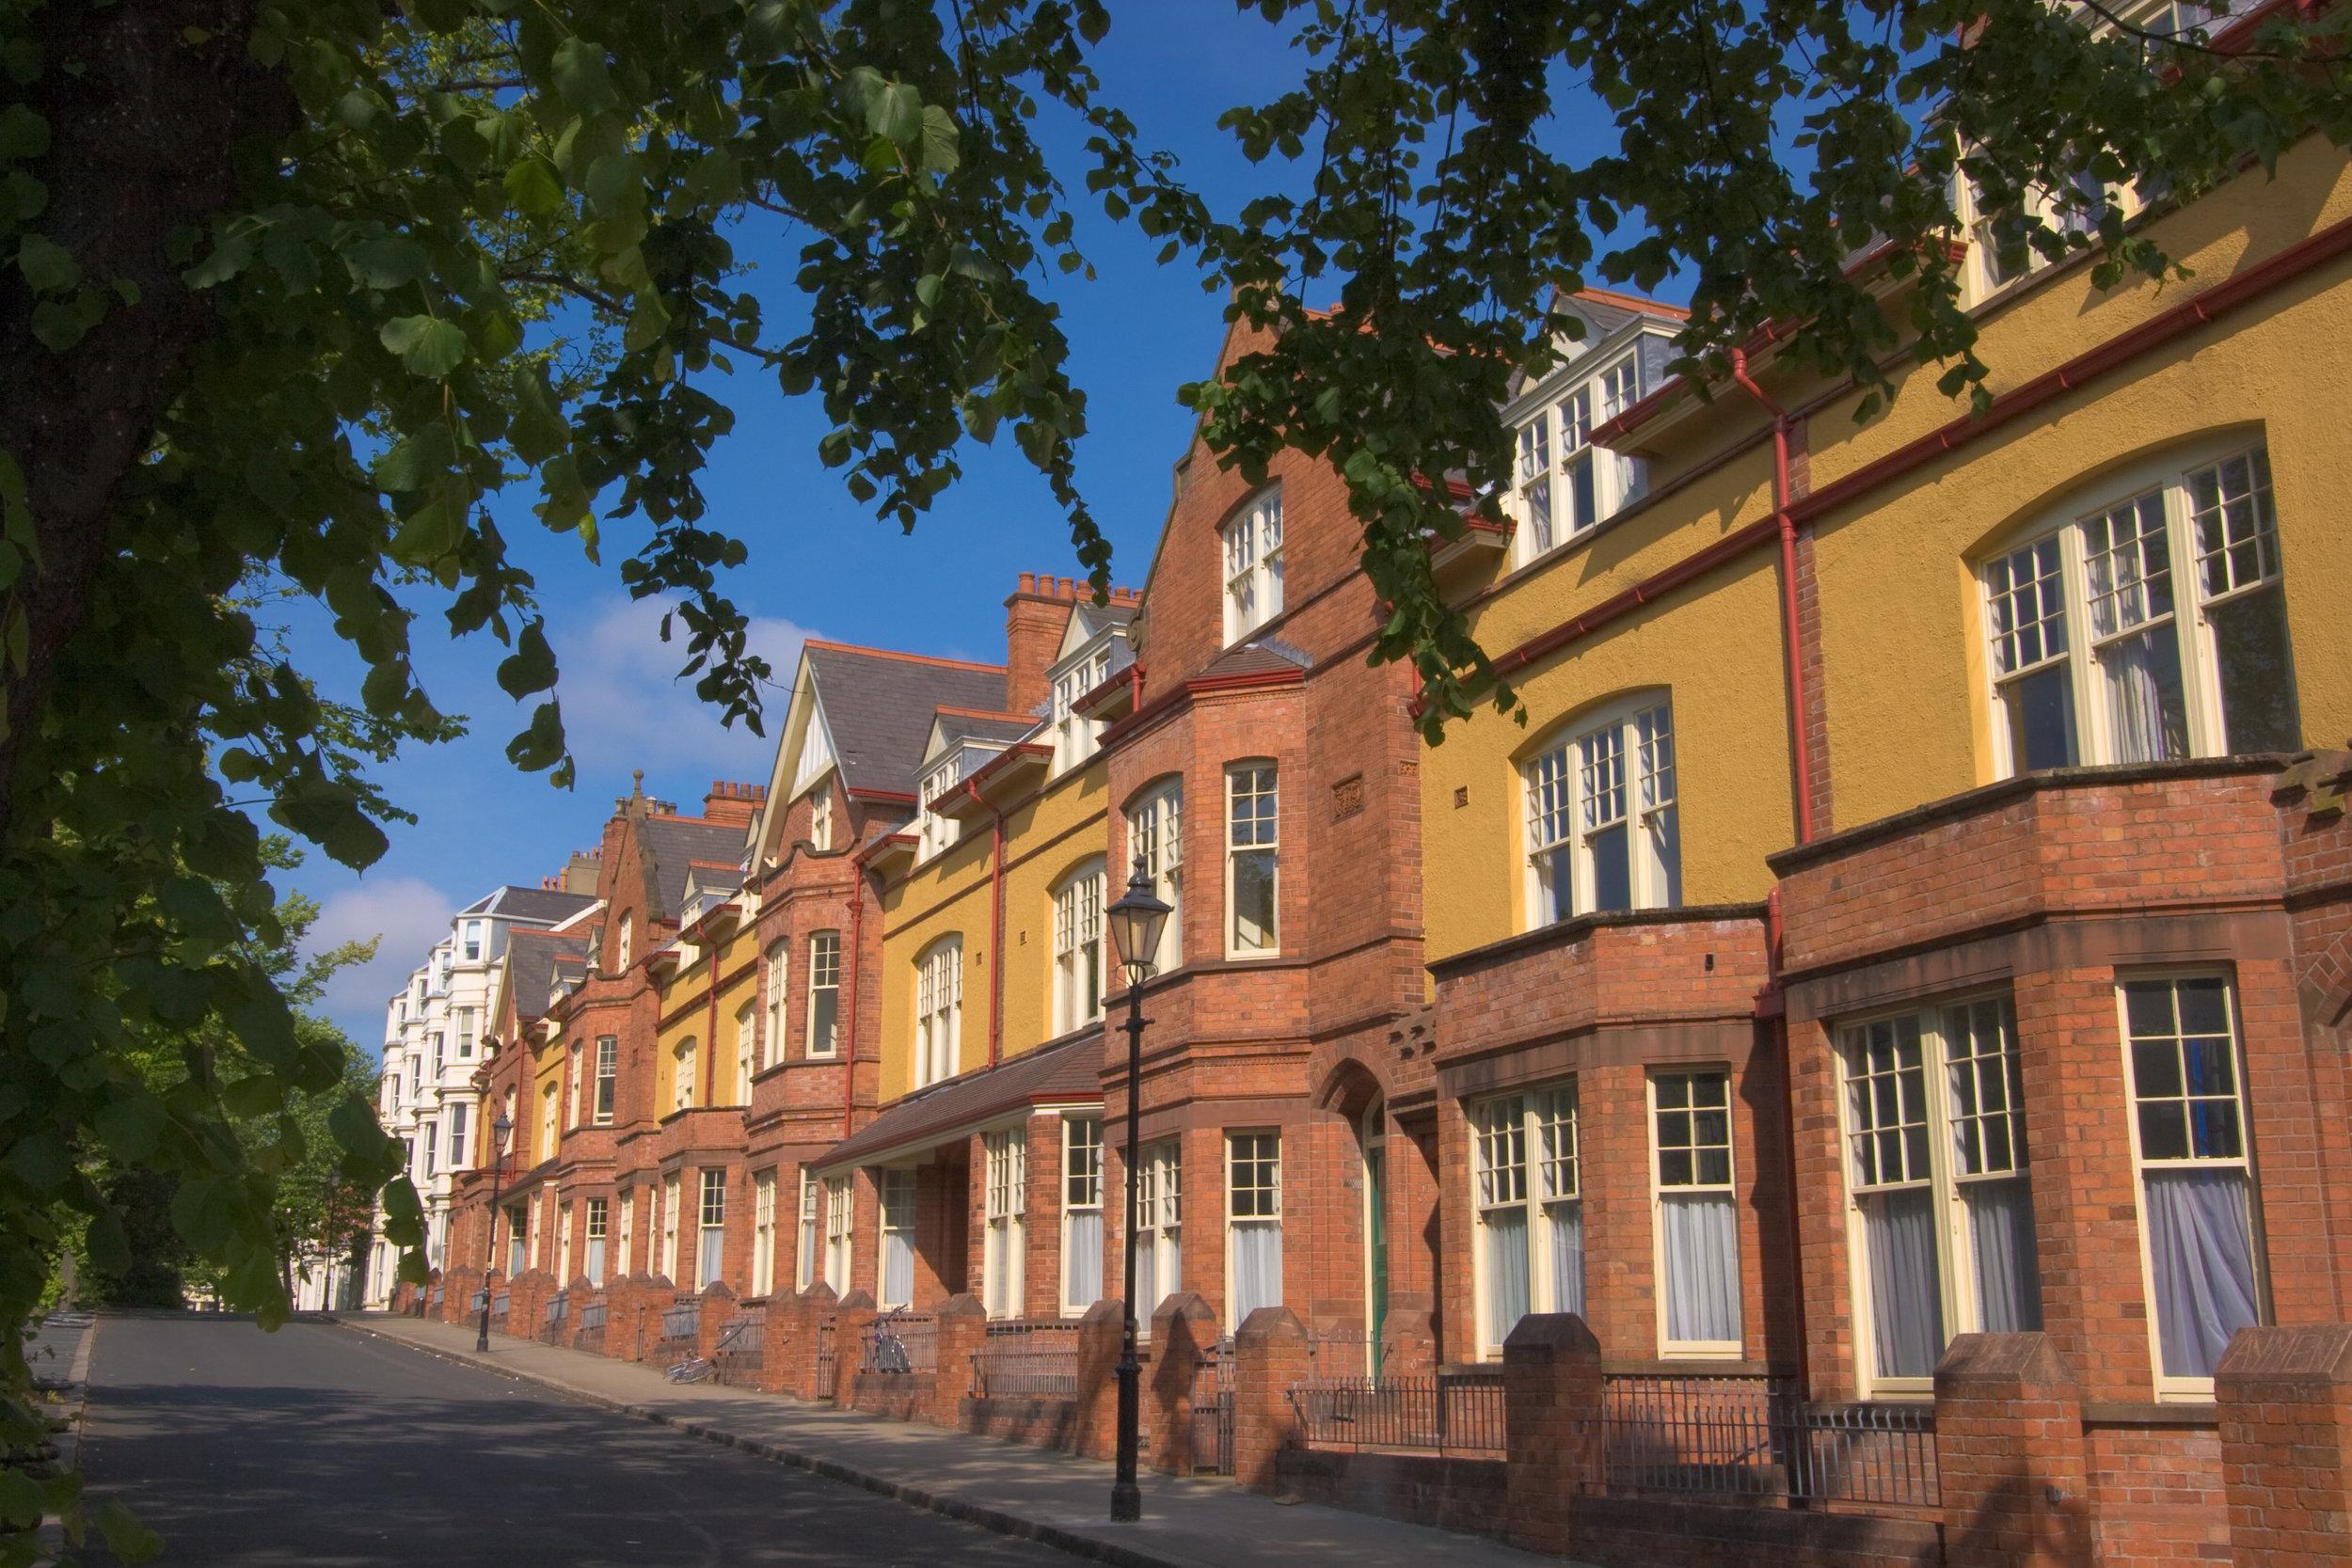 IRE_Dublin_Row of Victorian Houses.jpg